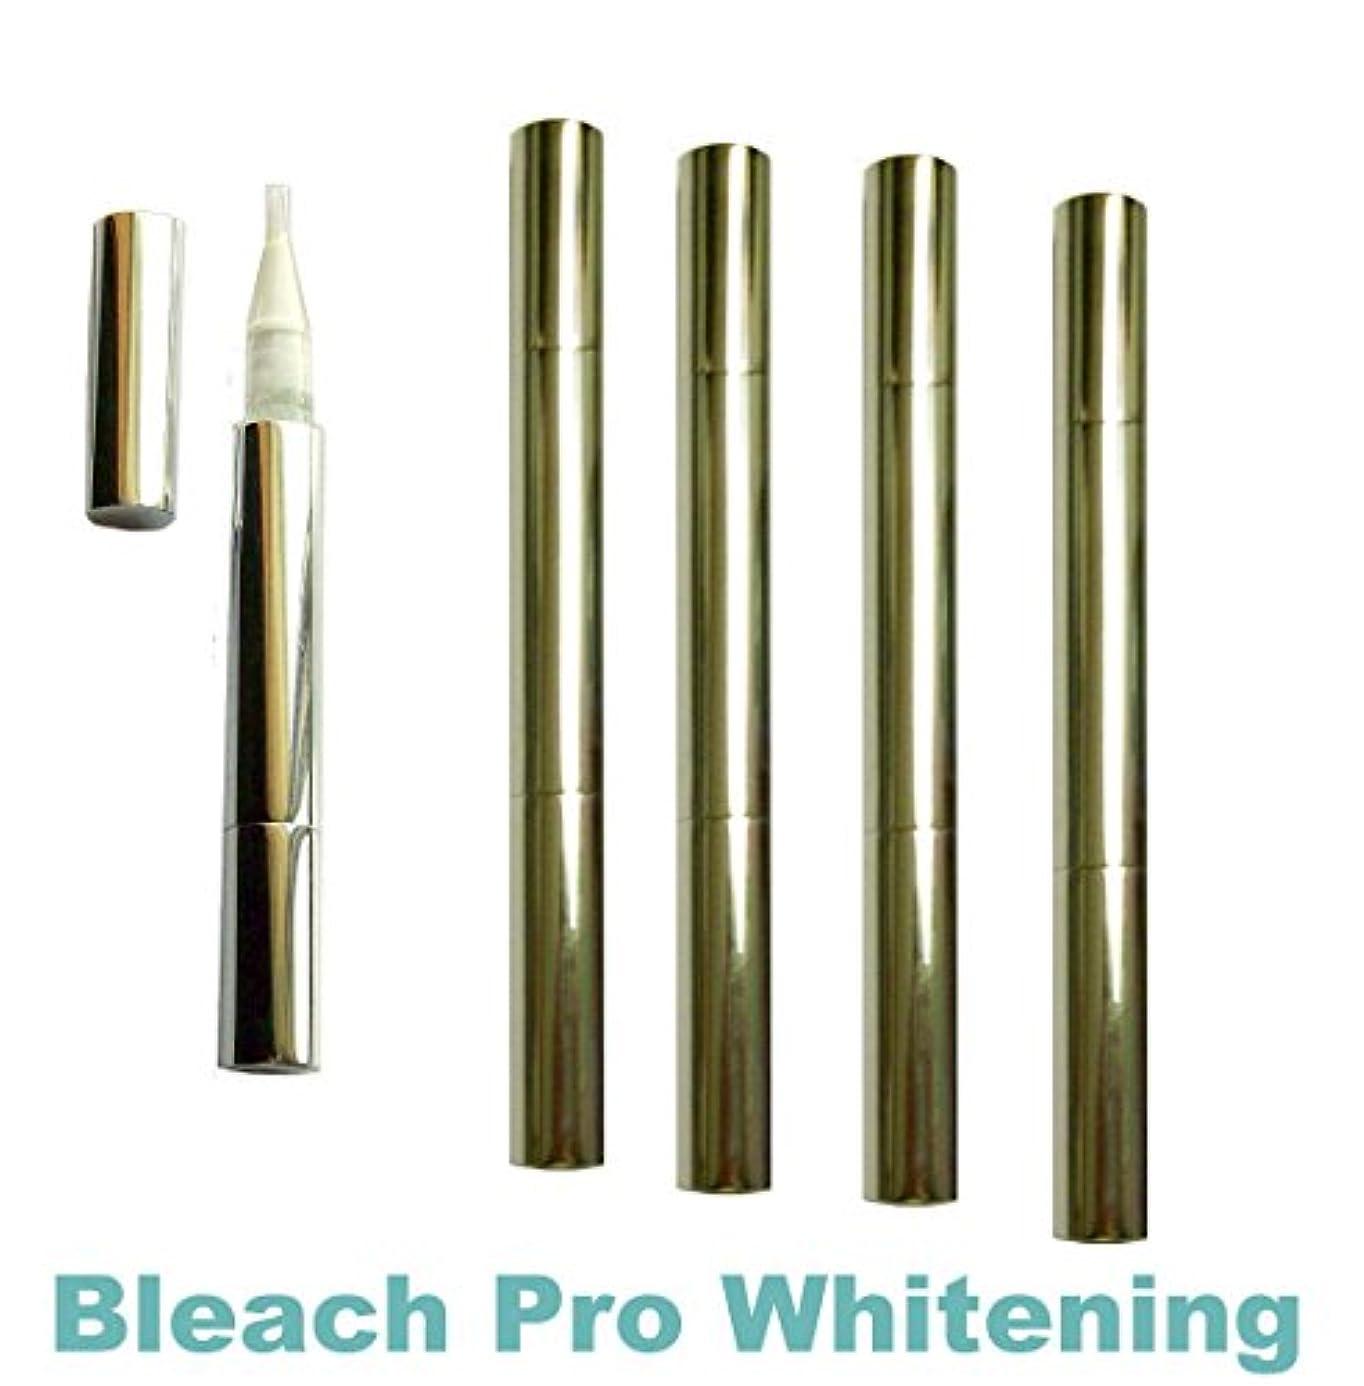 代わりに束民族主義Teeth Whitening Gel Pens 35% Carbamide Peroxide Tooth Bleaching Formula Pen with Brush Tip Gel Dispenser. 5 Whitening...